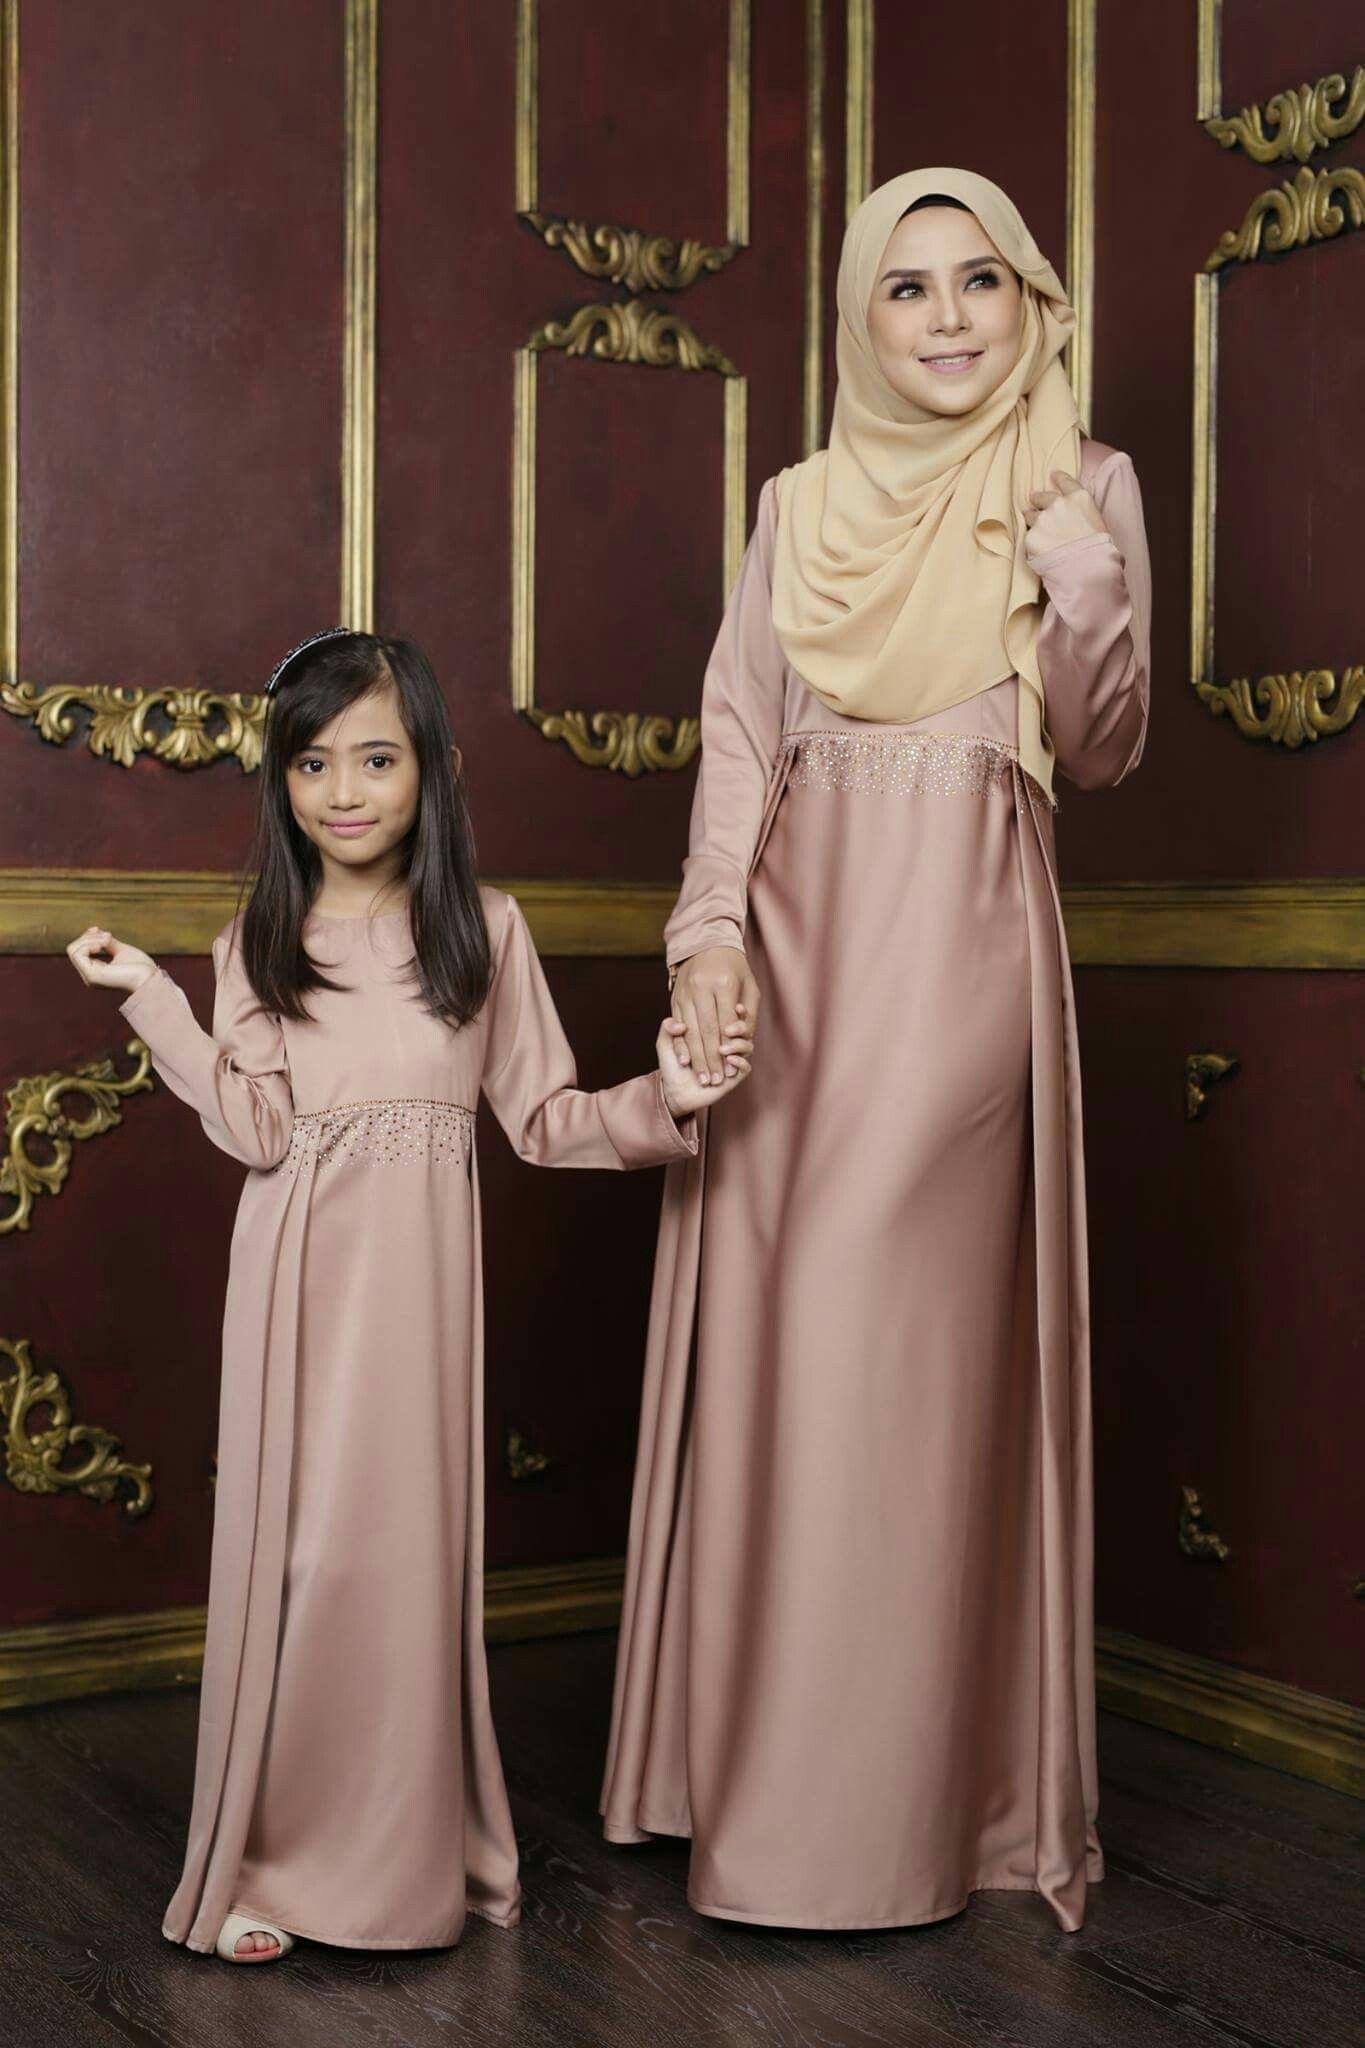 Moslimské Åaty Hidžáb Jarné Åaty Maxi Åaty Åaty Pre Družičky Hijab M³da Haute Couture Moslimské Oblečenie